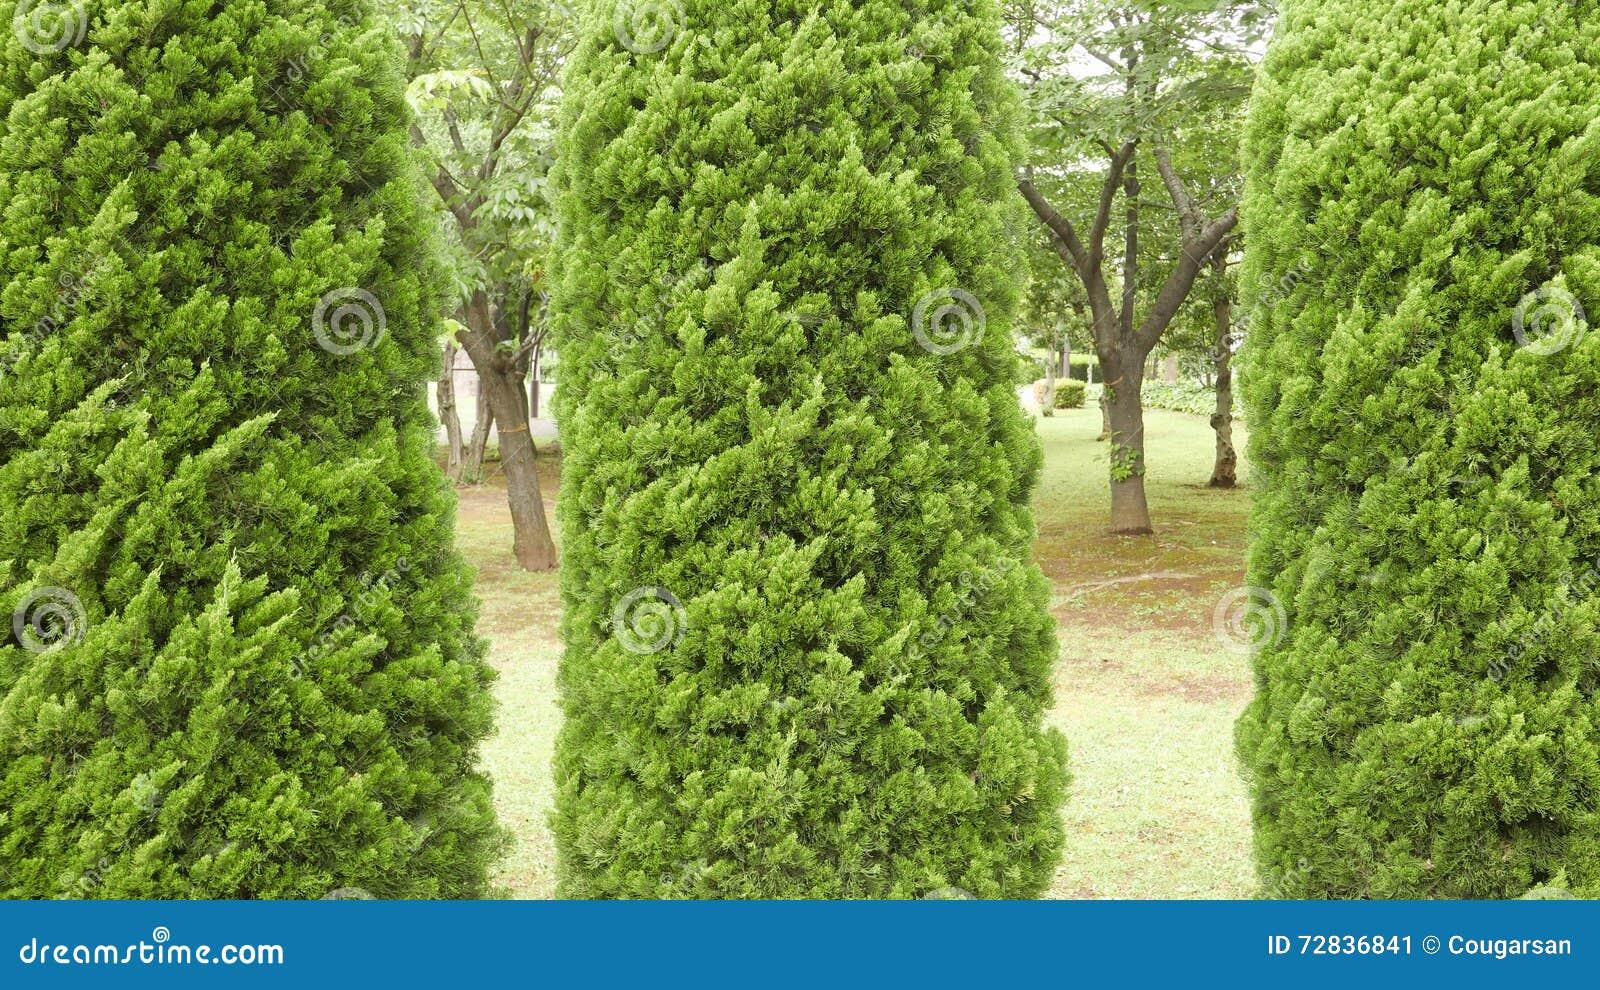 Bomen In Tuin : Drie pijnboom groene bomen in tuin stock afbeelding afbeelding